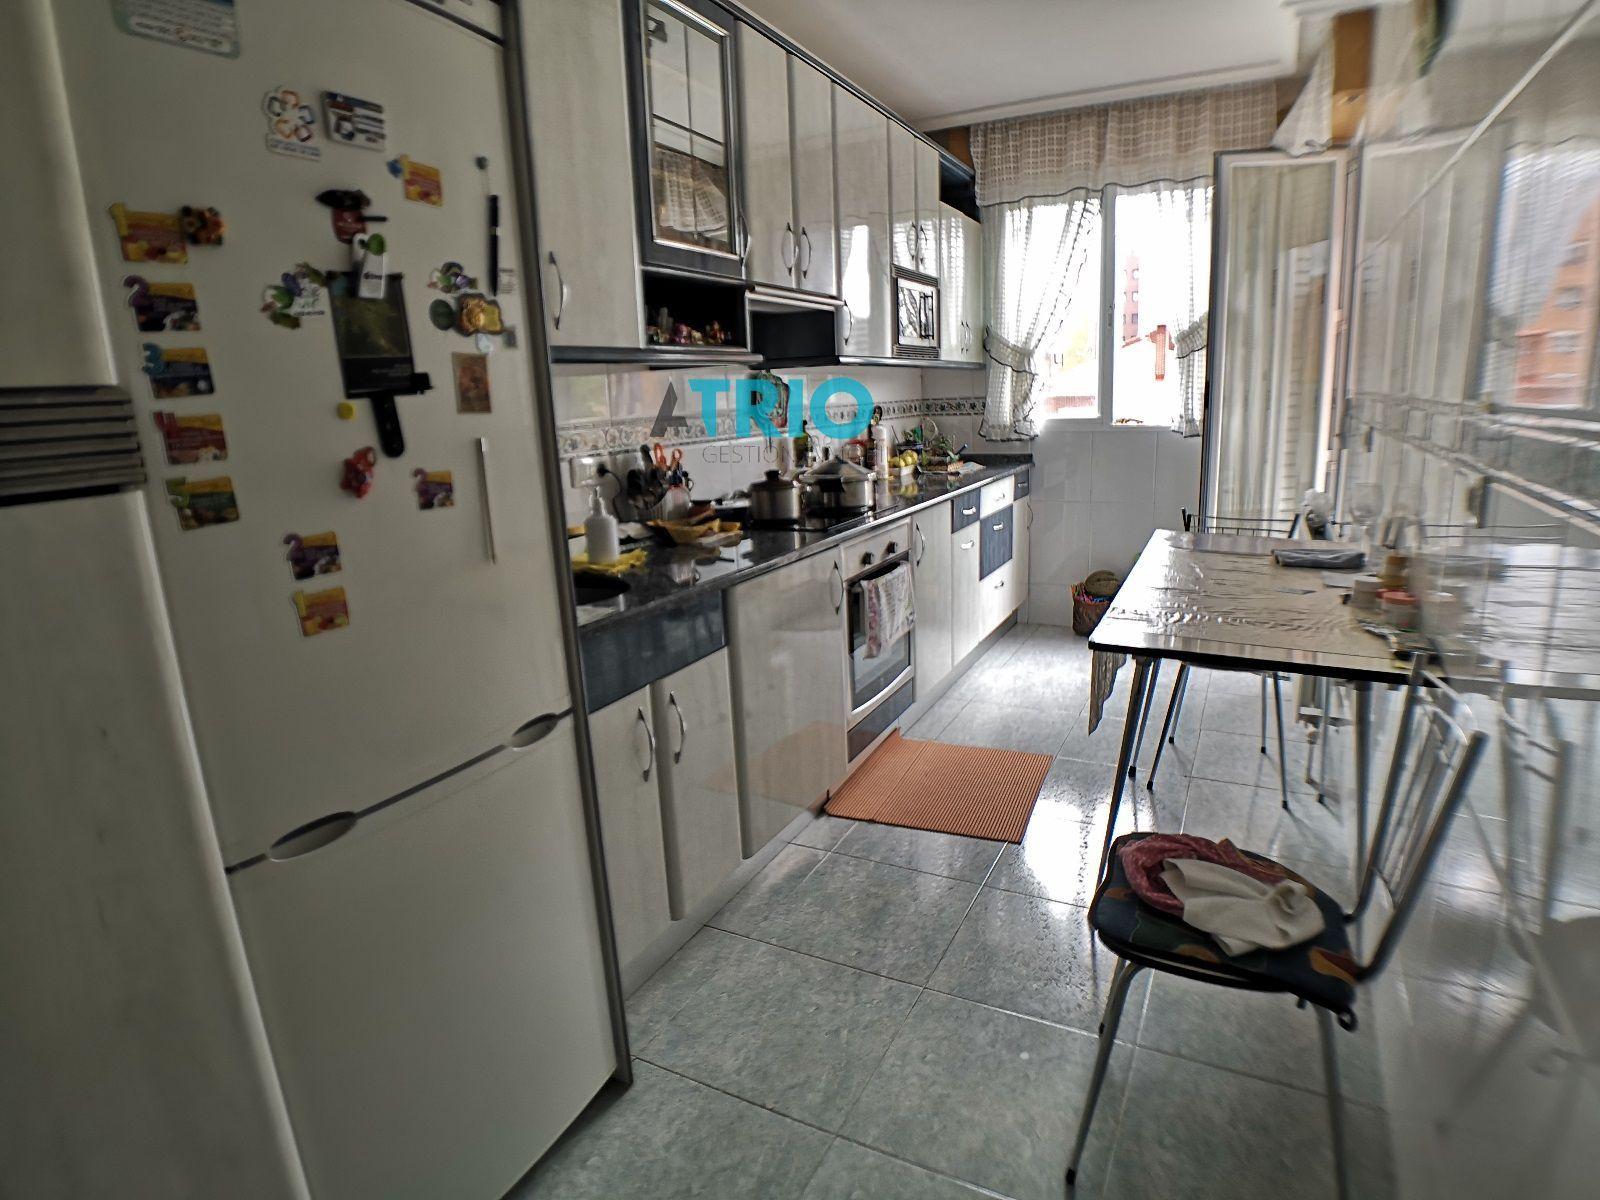 dia.mobiliagestion.es/Portals/inmoatrio/Images/6208/4679425